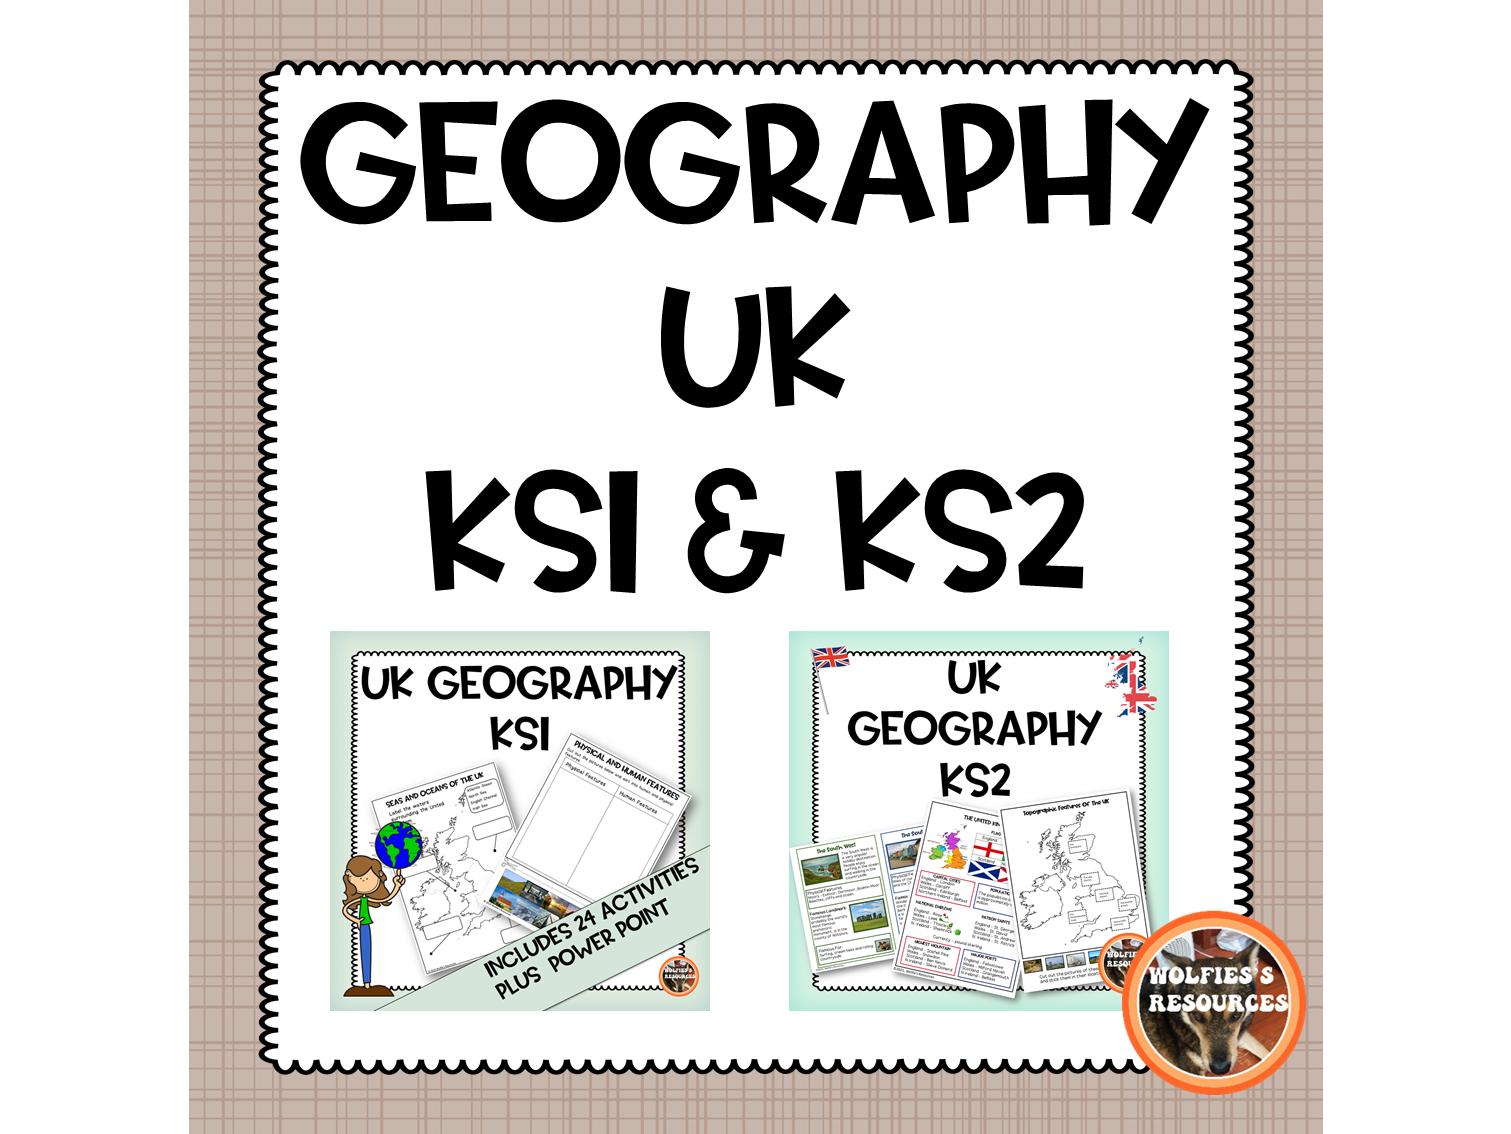 Geography UK